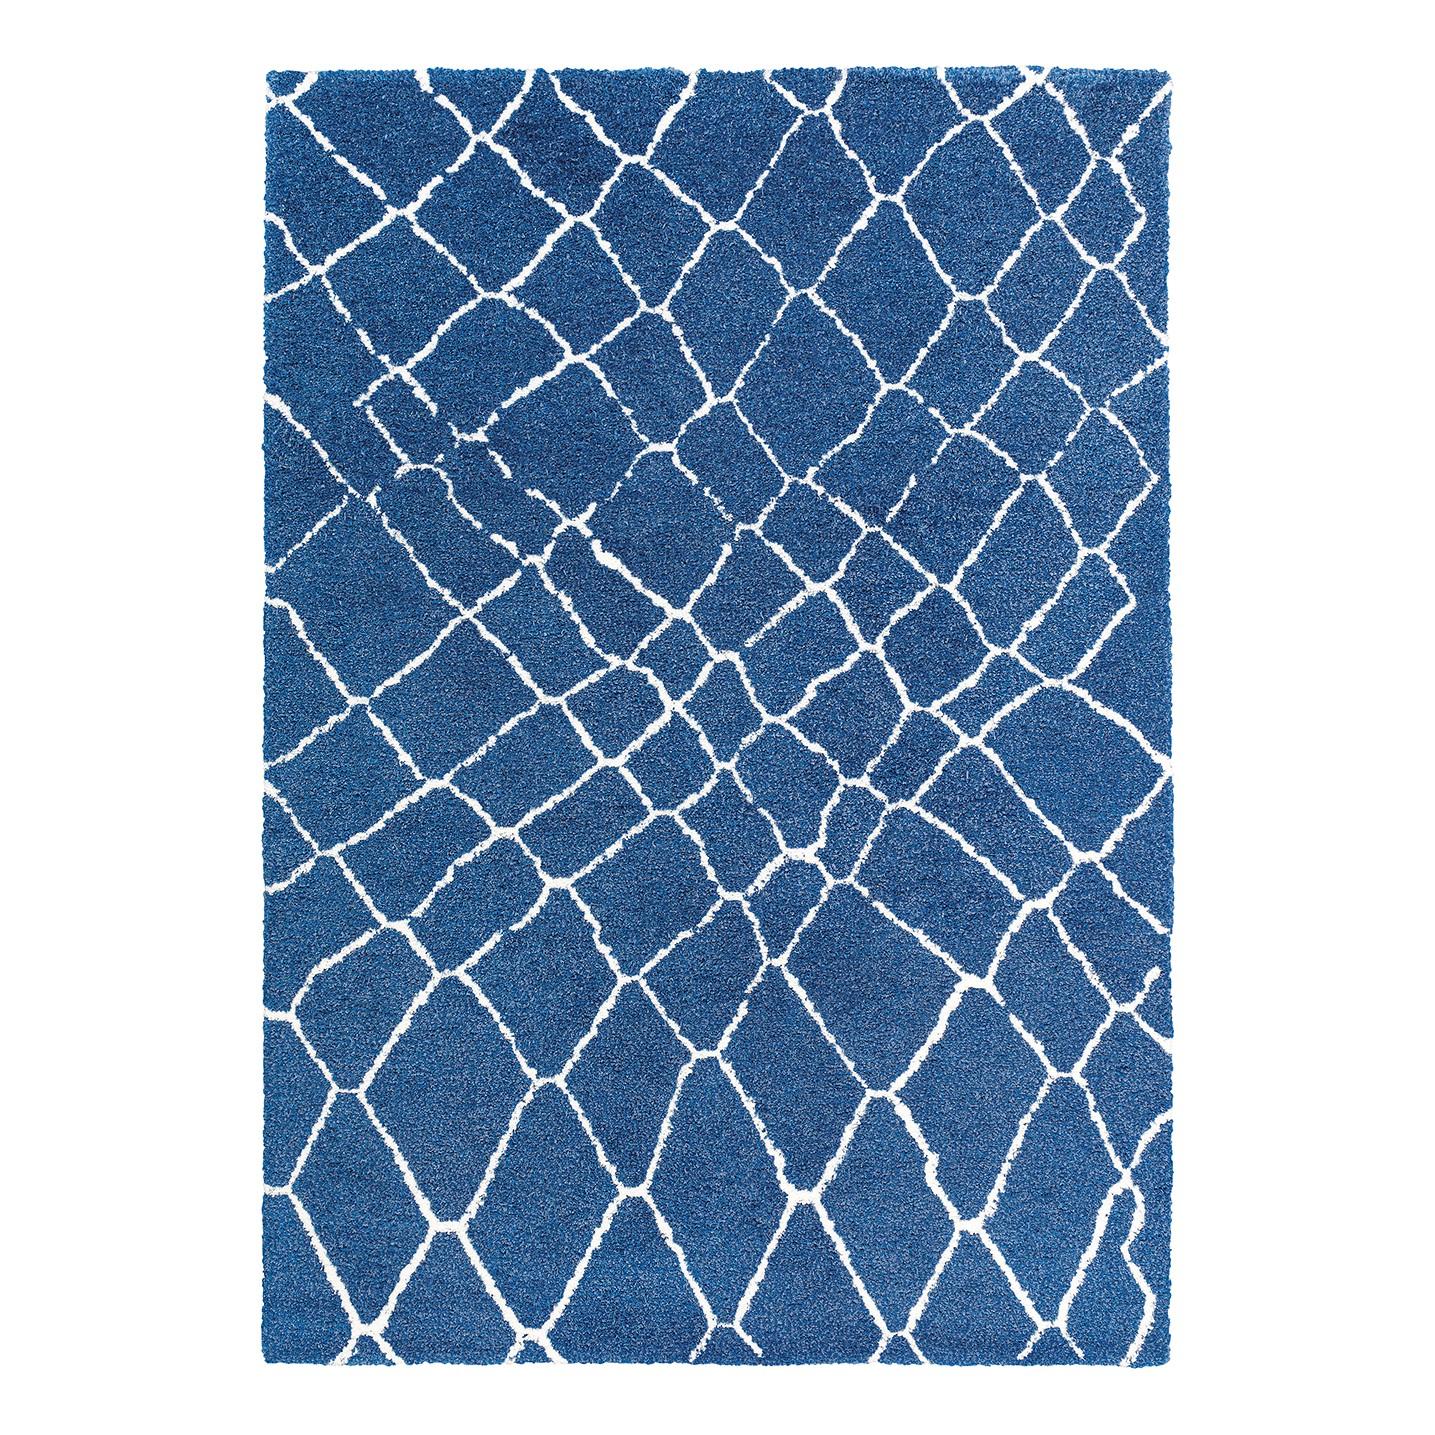 Teppich Dream - Kunstfaser - Brilliantblau - 160 x 230 cm, Schöner Wohnen Kollektion